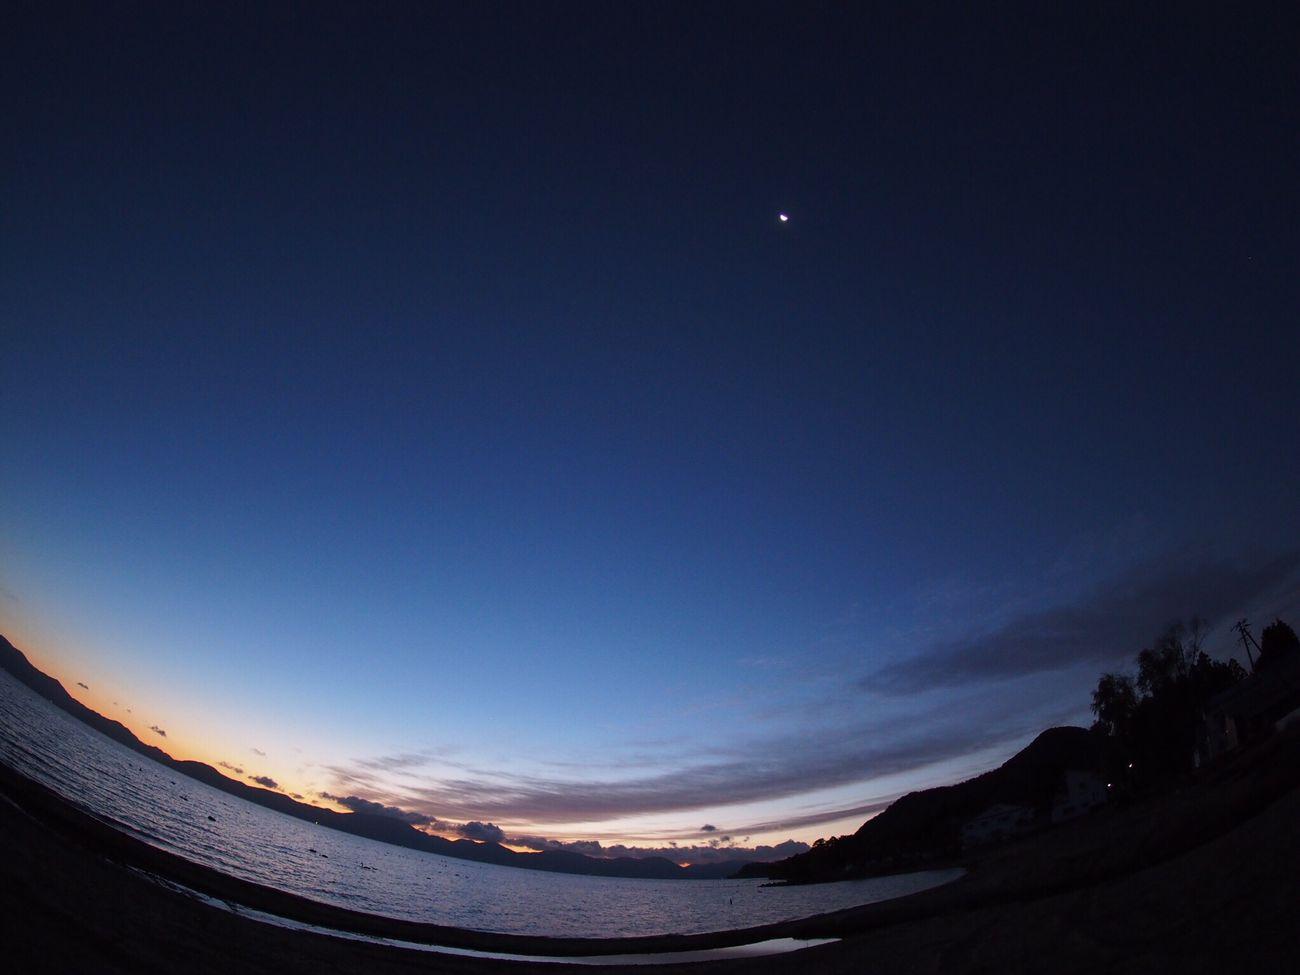 2016.10.24 会津 猪苗代湖 魚眼レンズ   会津の、この時期の空気感が魚眼に合うと思い、魚眼レンズ一本で撮影しました。